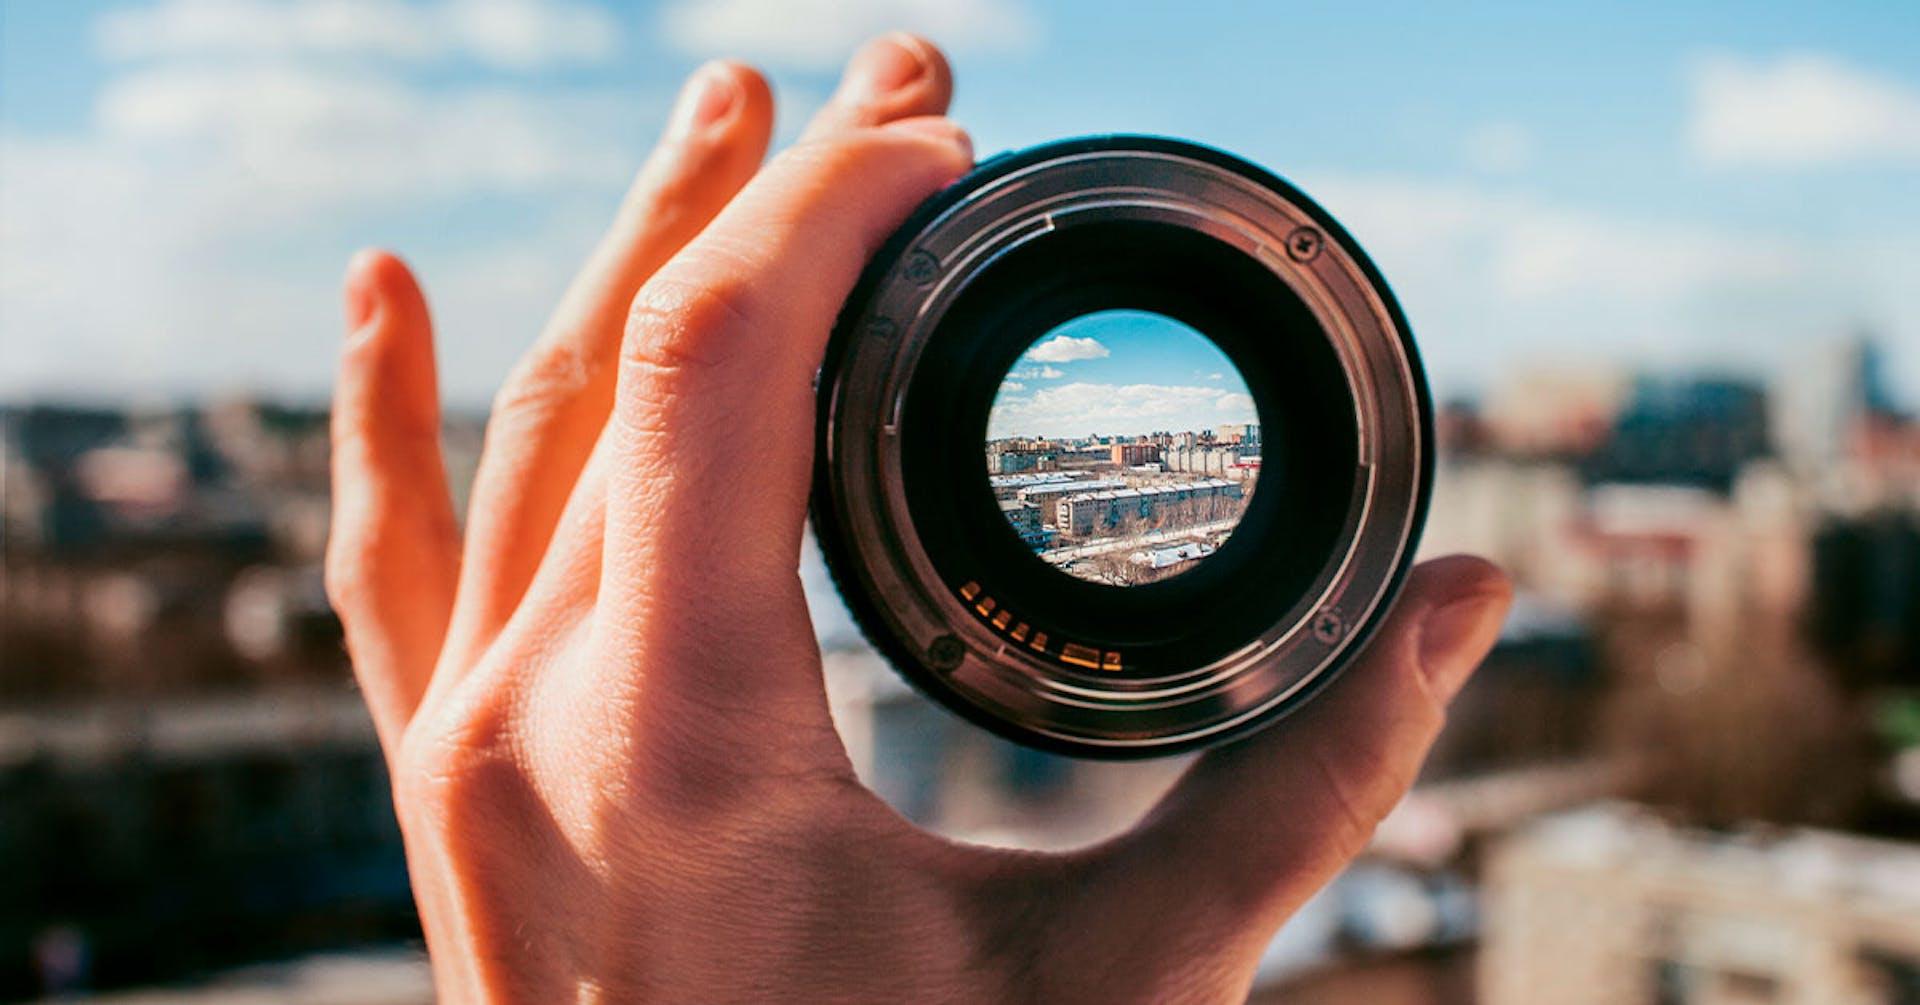 ¿Cómo se ven las fotos con los diferentes tipos de lentes?